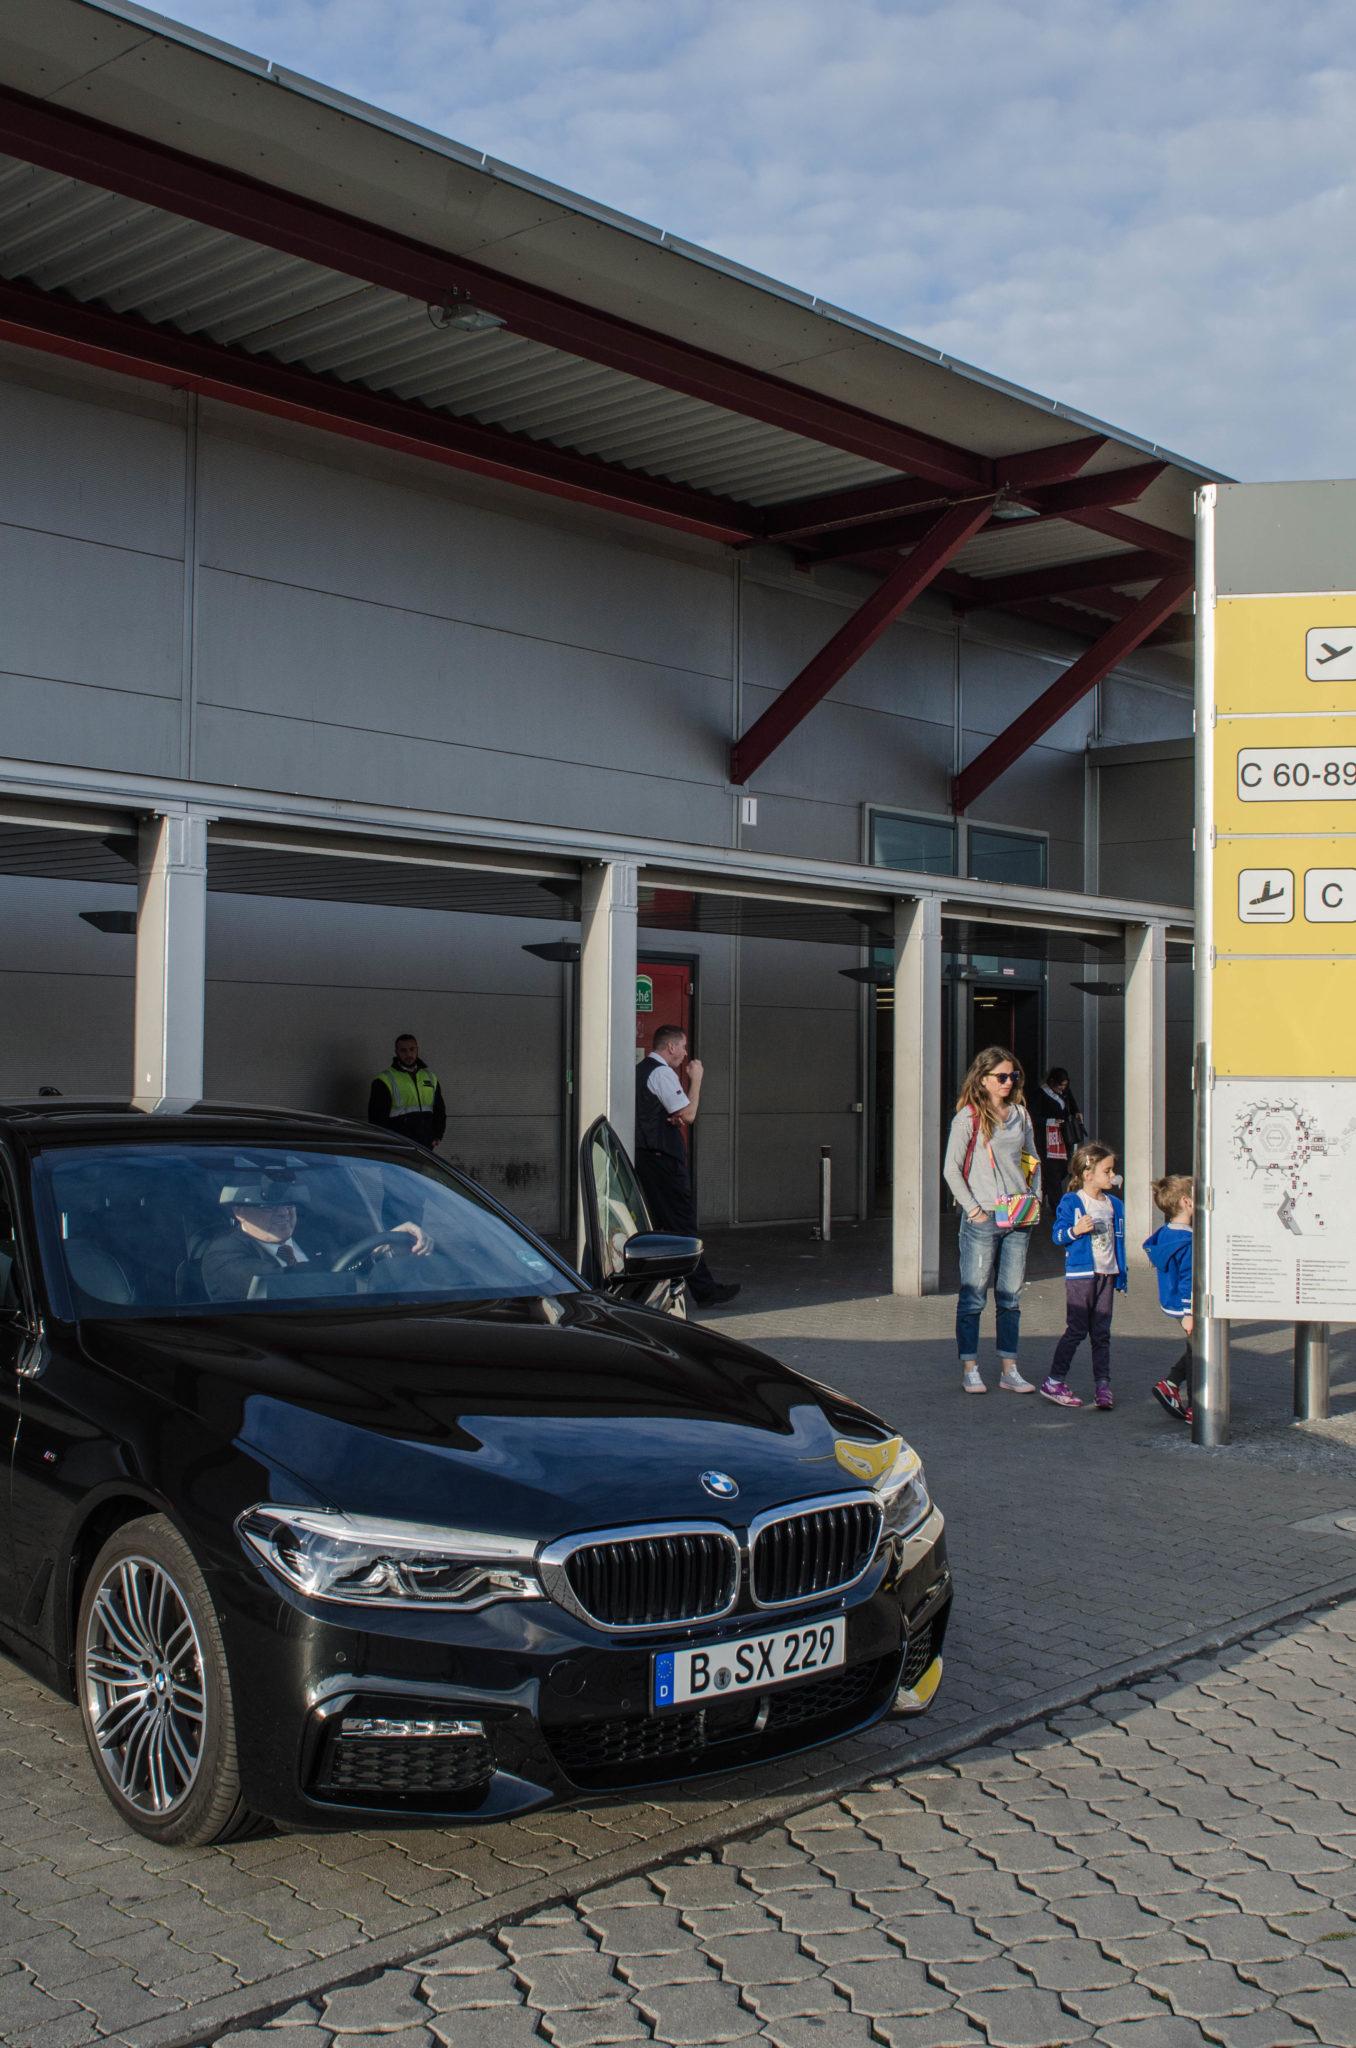 Bei Ankunft in Berlin wartet für die Passagiere der Hainan Business Class bereits die Limousine.